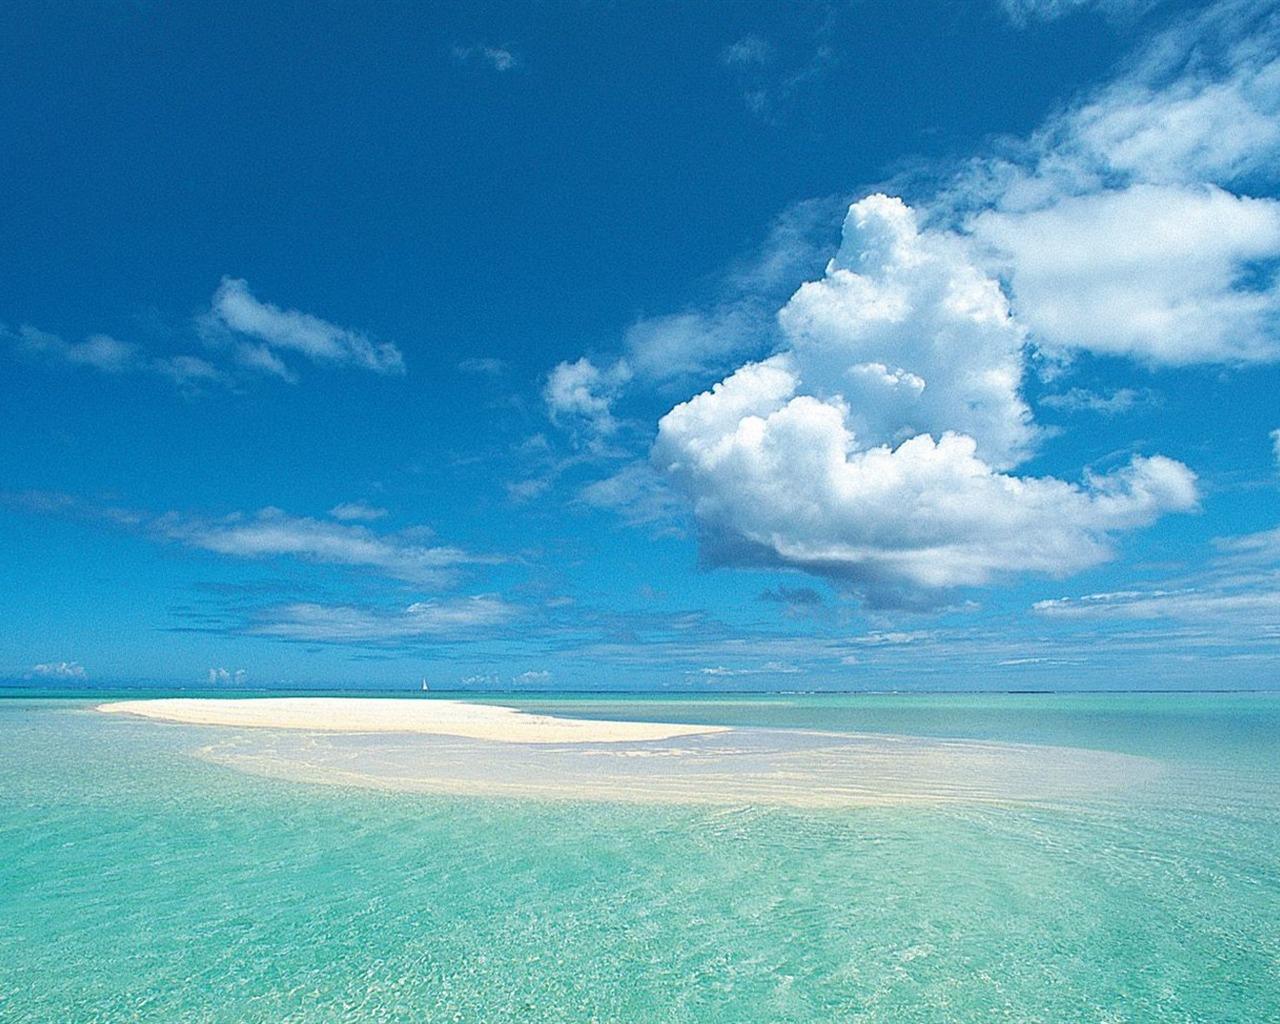 Tahiti  Bora Bora shallow water wallpaper Current Size 1280 x 1024 1280x1024